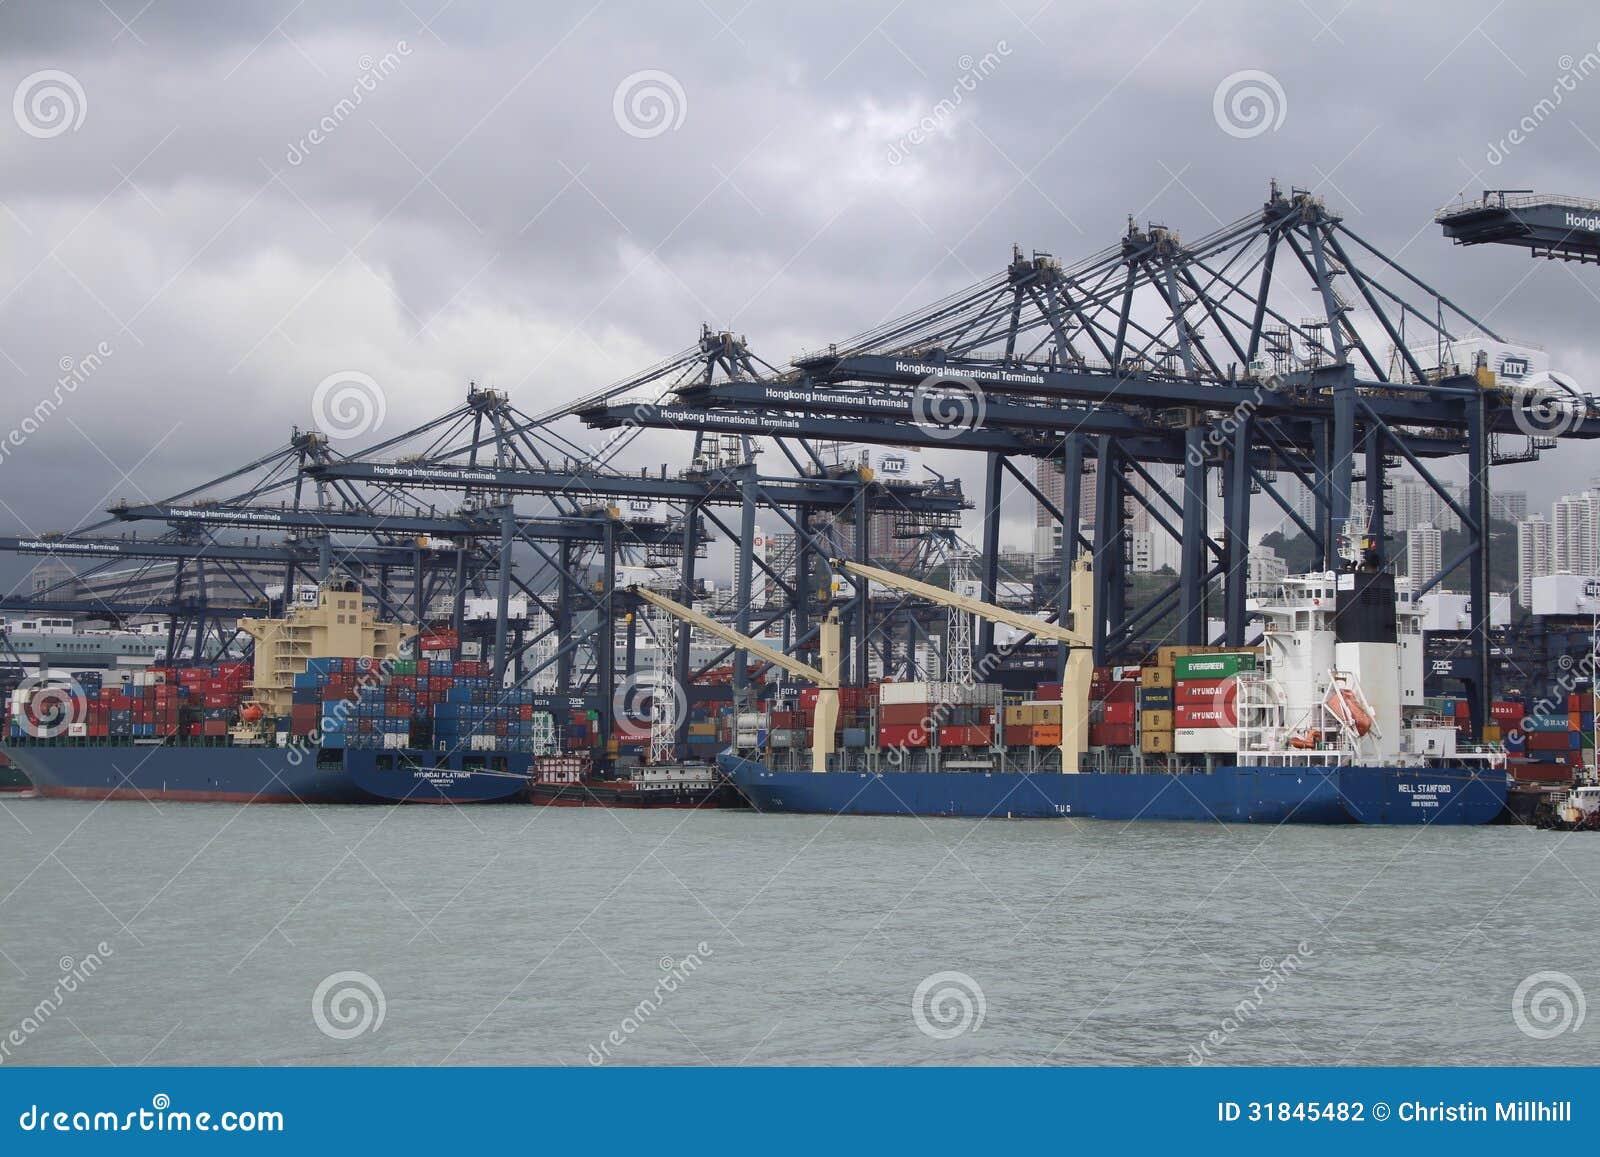 Hong Kong Freight Harbor